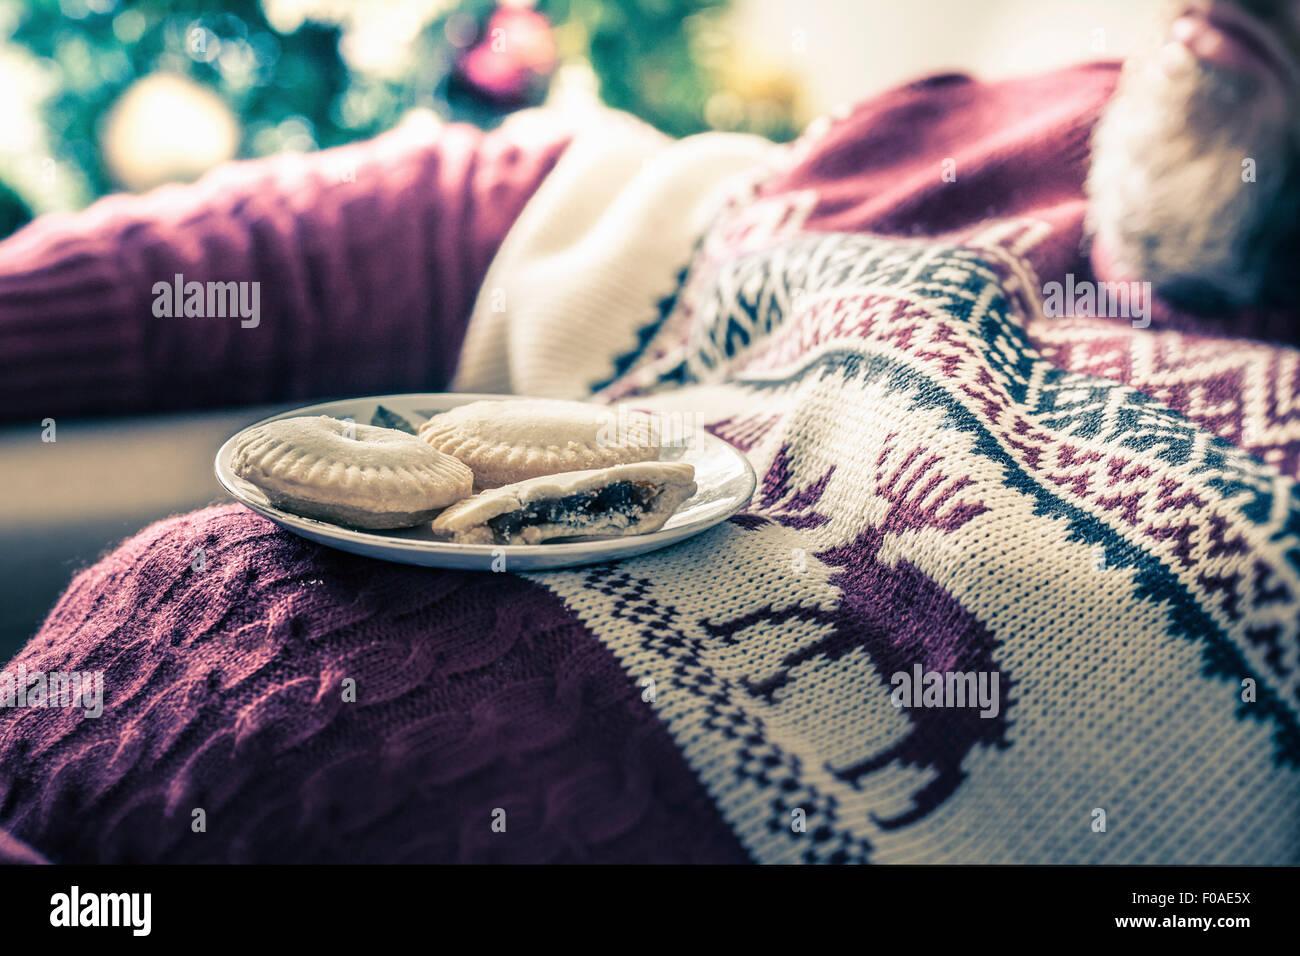 Hombre que llevaba un suéter dormido con carne picada empanadas en el pecho Imagen De Stock